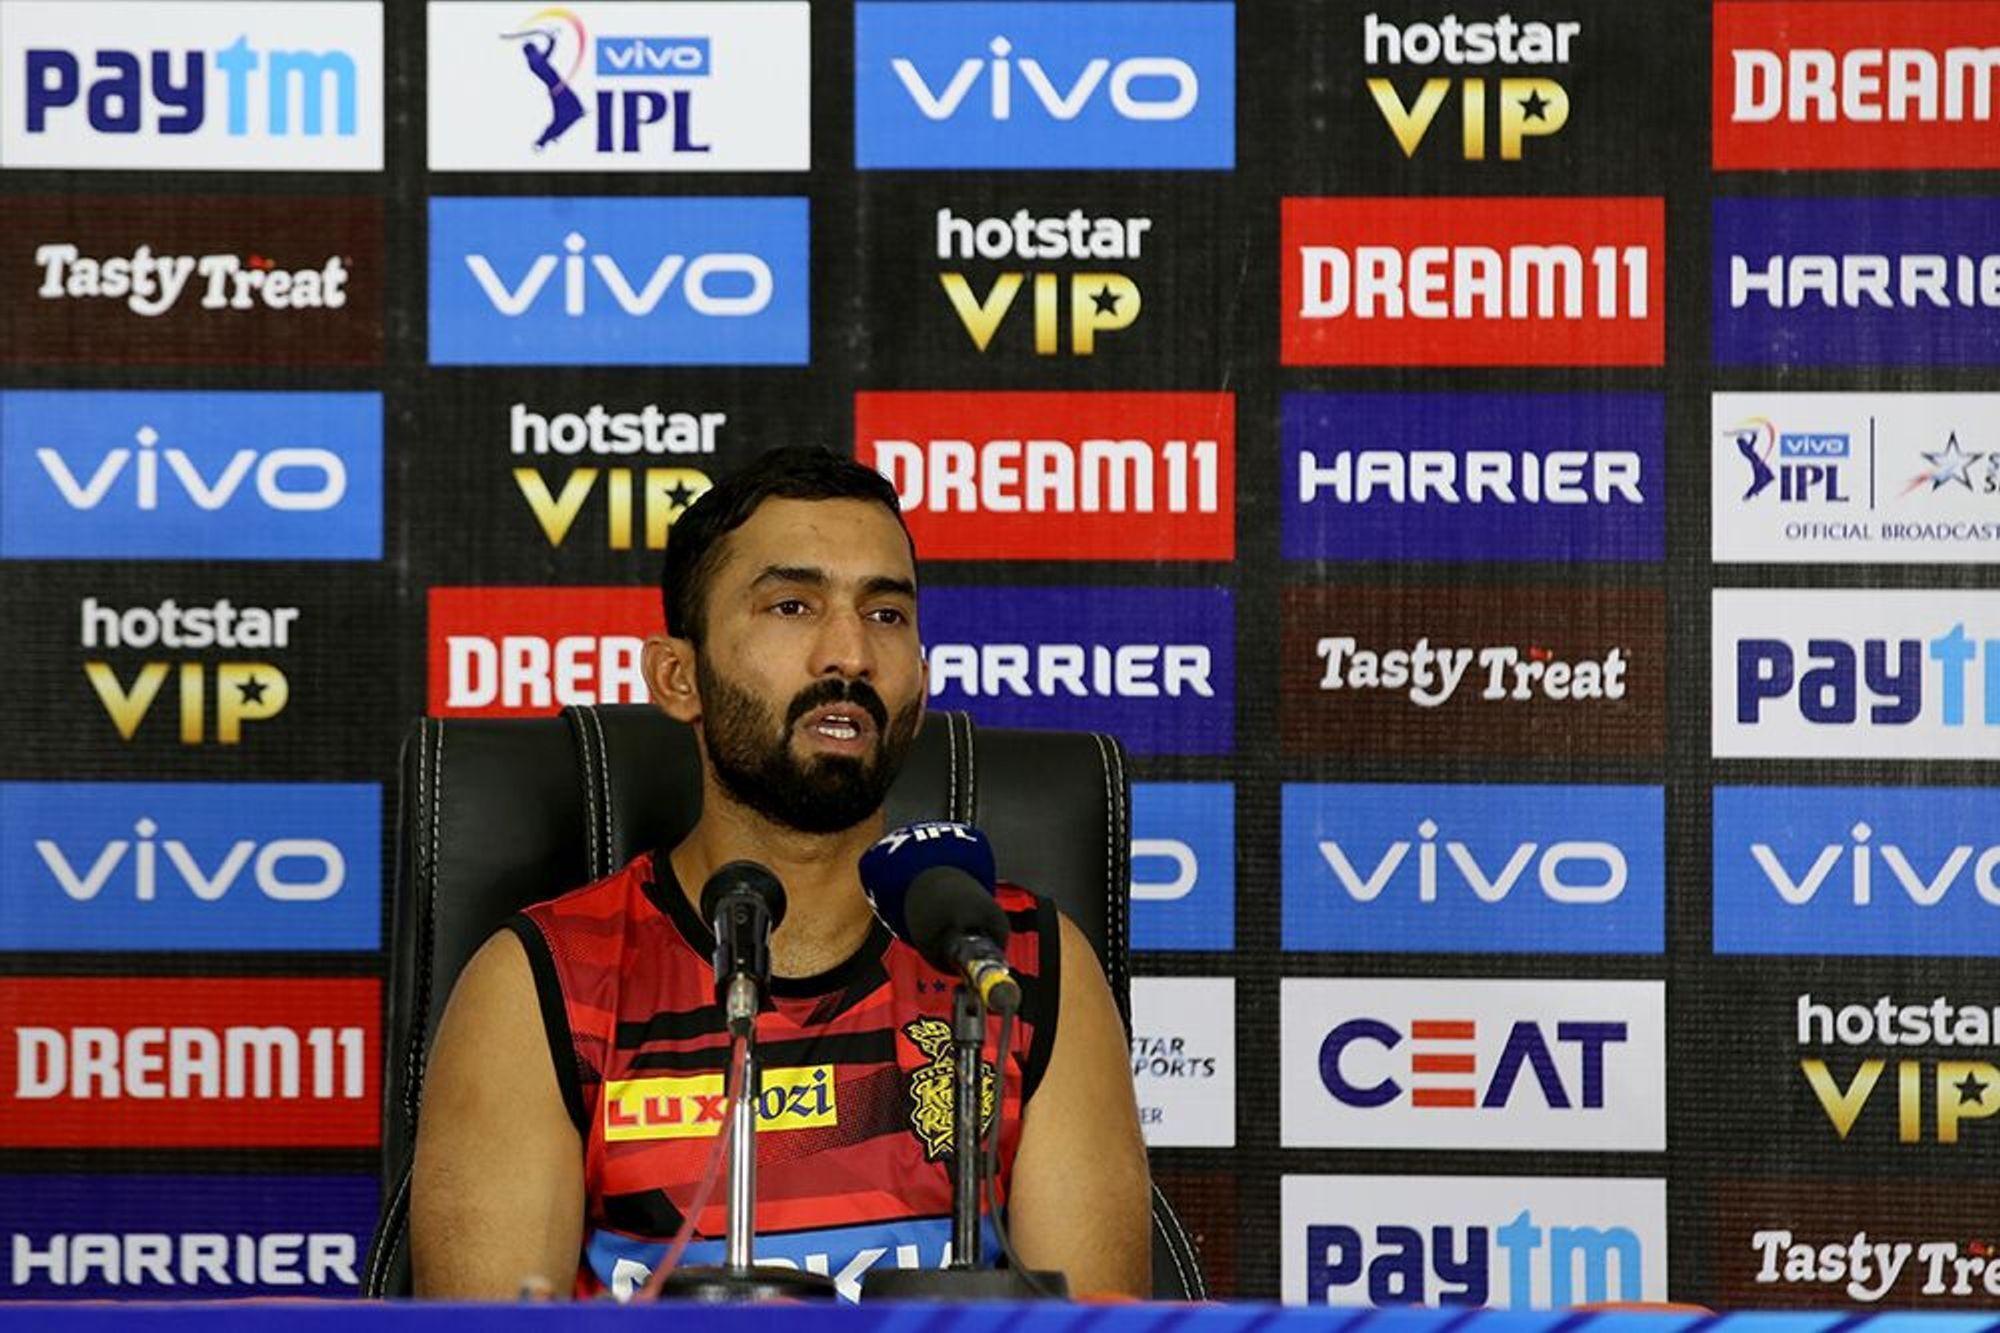 IPL 2019: रसेल ने की थी दिनेश कार्तिक के कप्तानी की आलोचना अब भड़के कप्तान कार्तिक 11